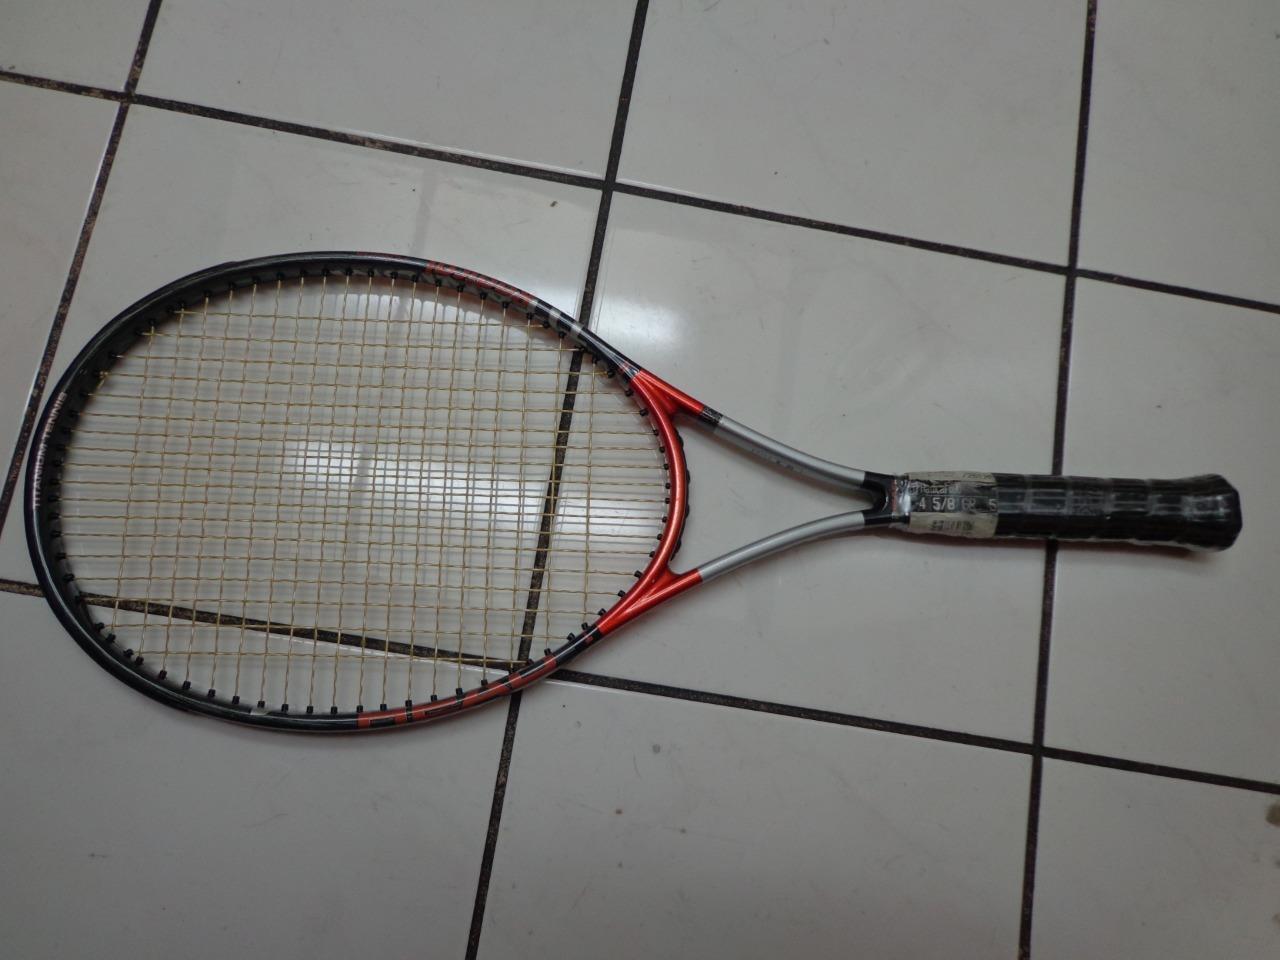 NEW RARE Head Ti. Radical OS 107 Agassi 4 5 8 grip Tennis Racquet